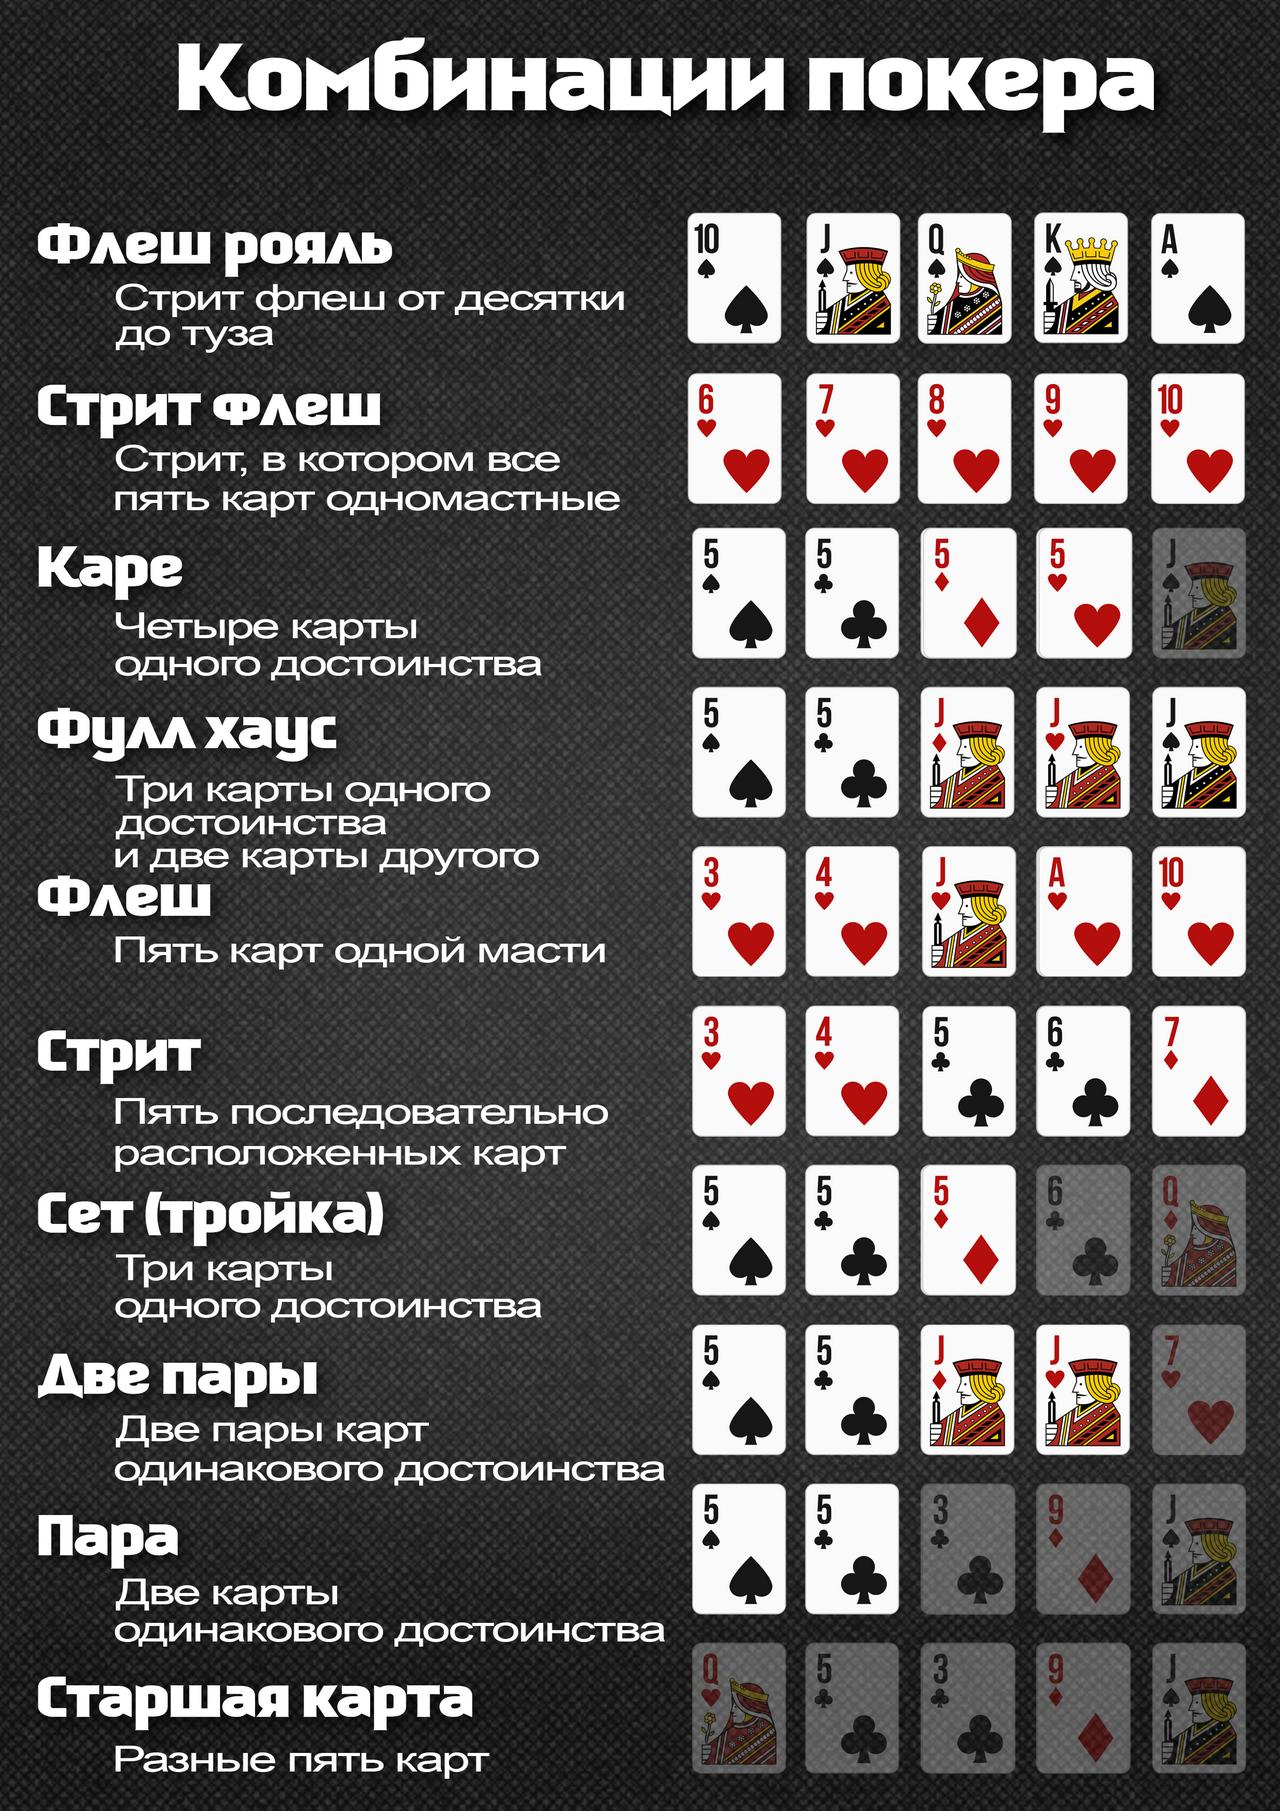 карточные игры покер